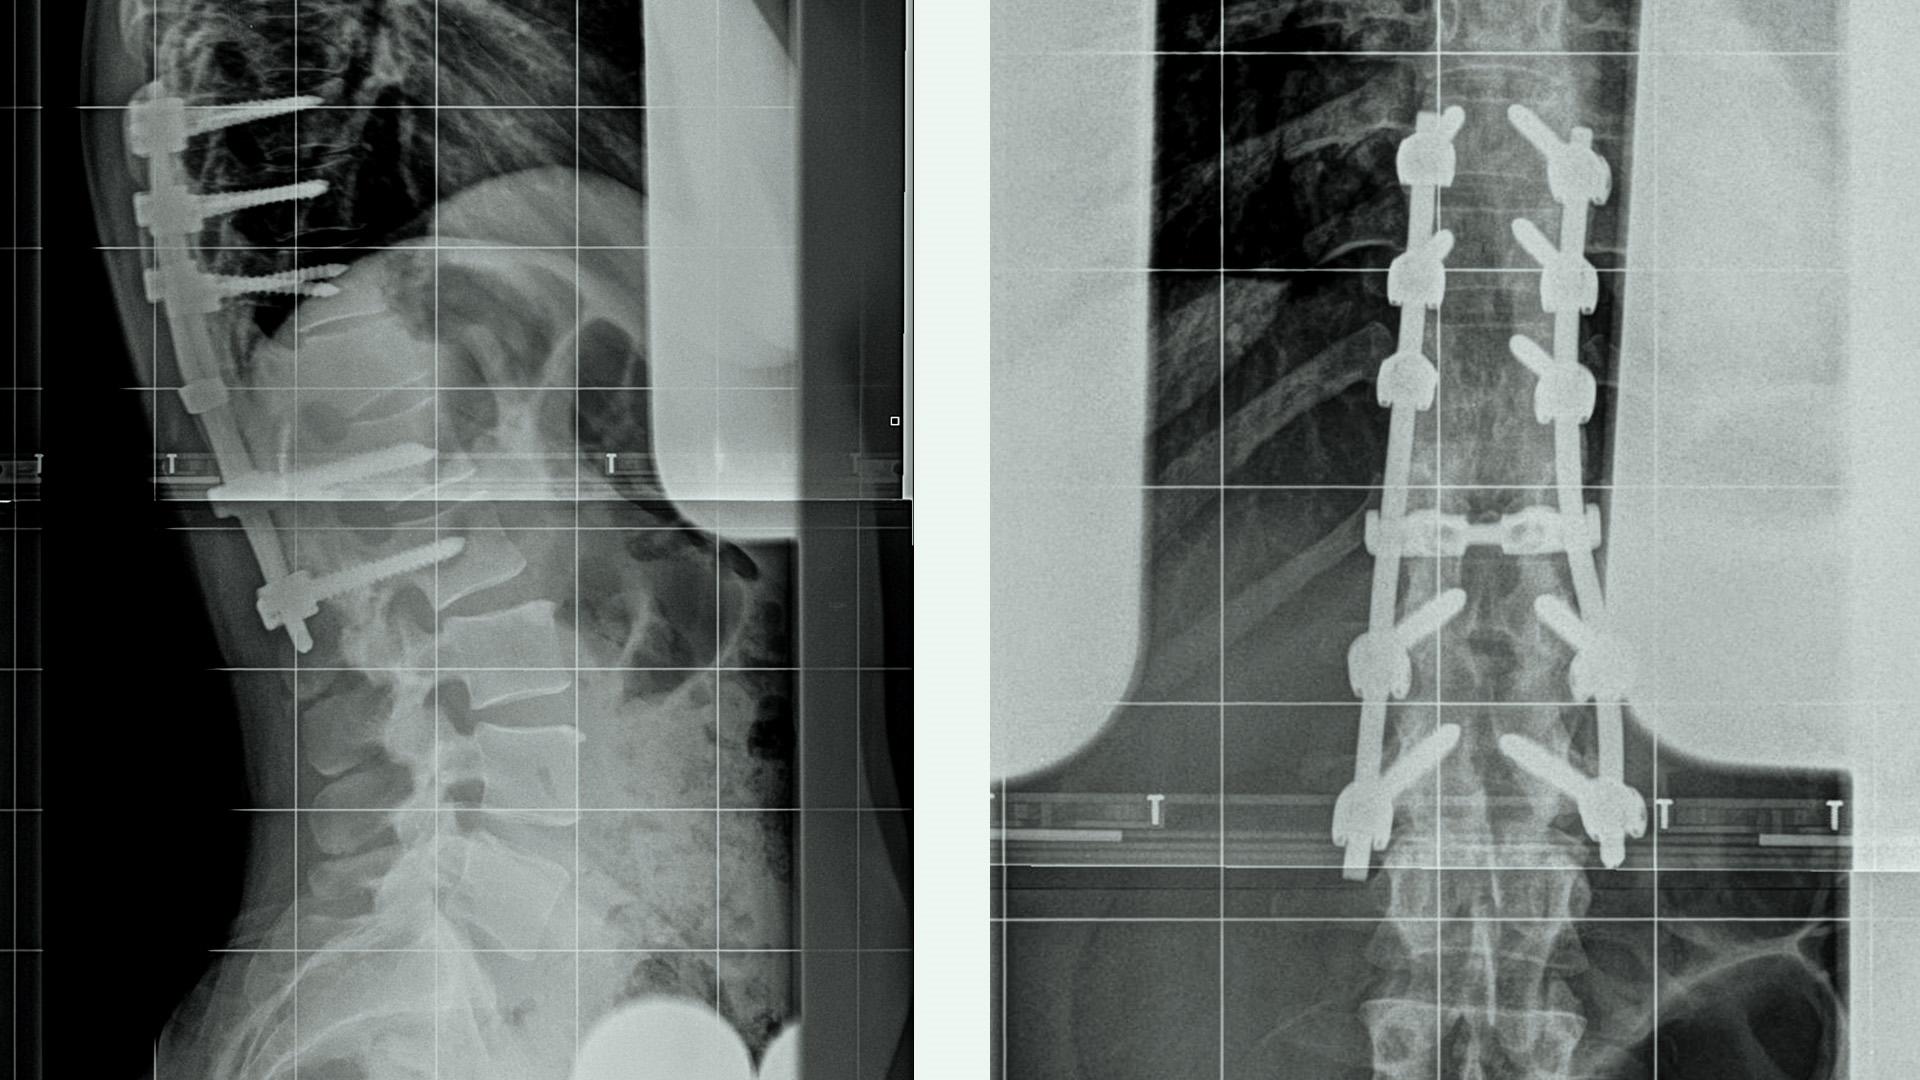 An x-ray of dancer DeeAnn Nelson's spine.